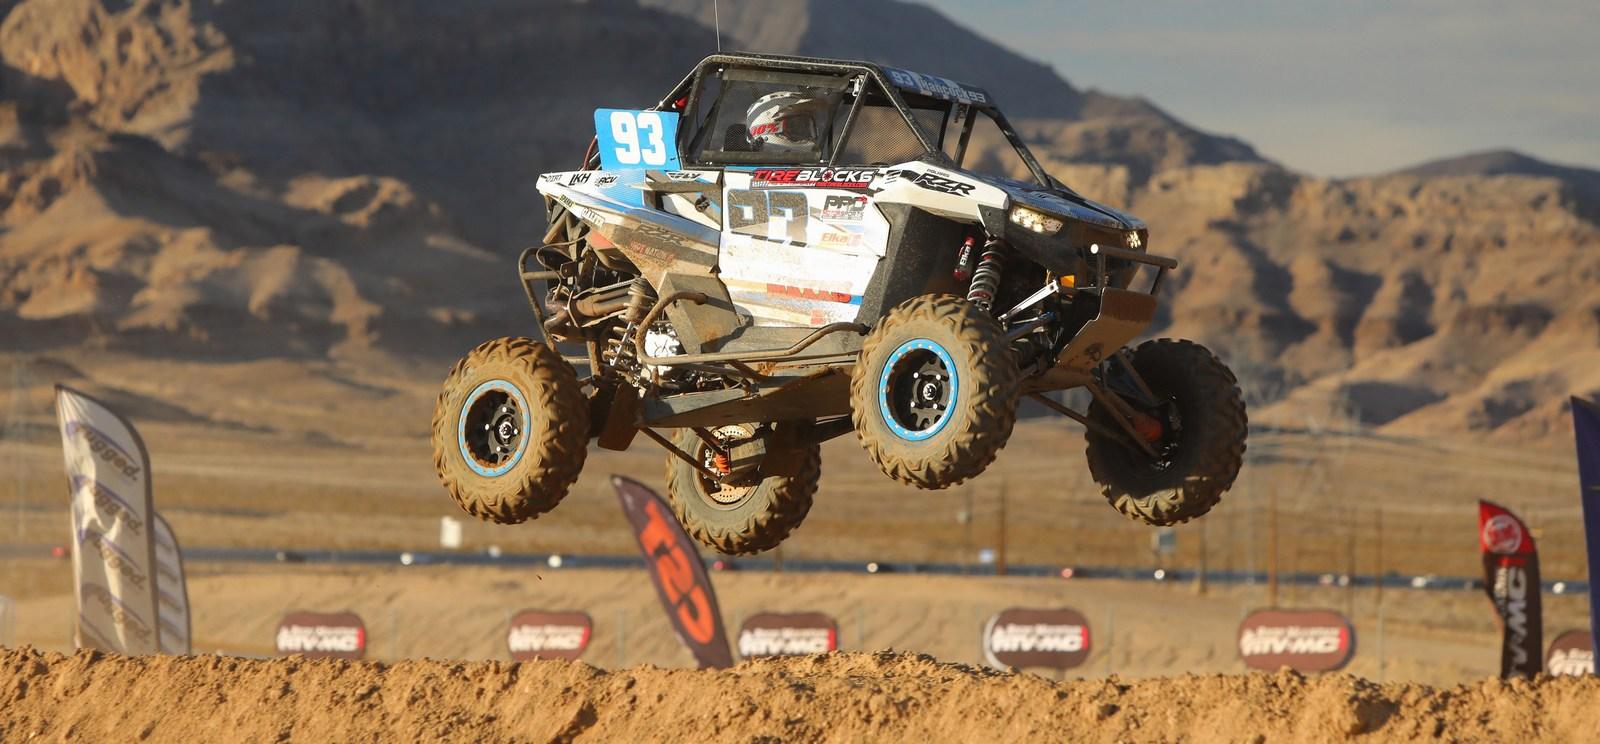 2020-01-matt-hancock-pro-stock-sxs-worcs-racing